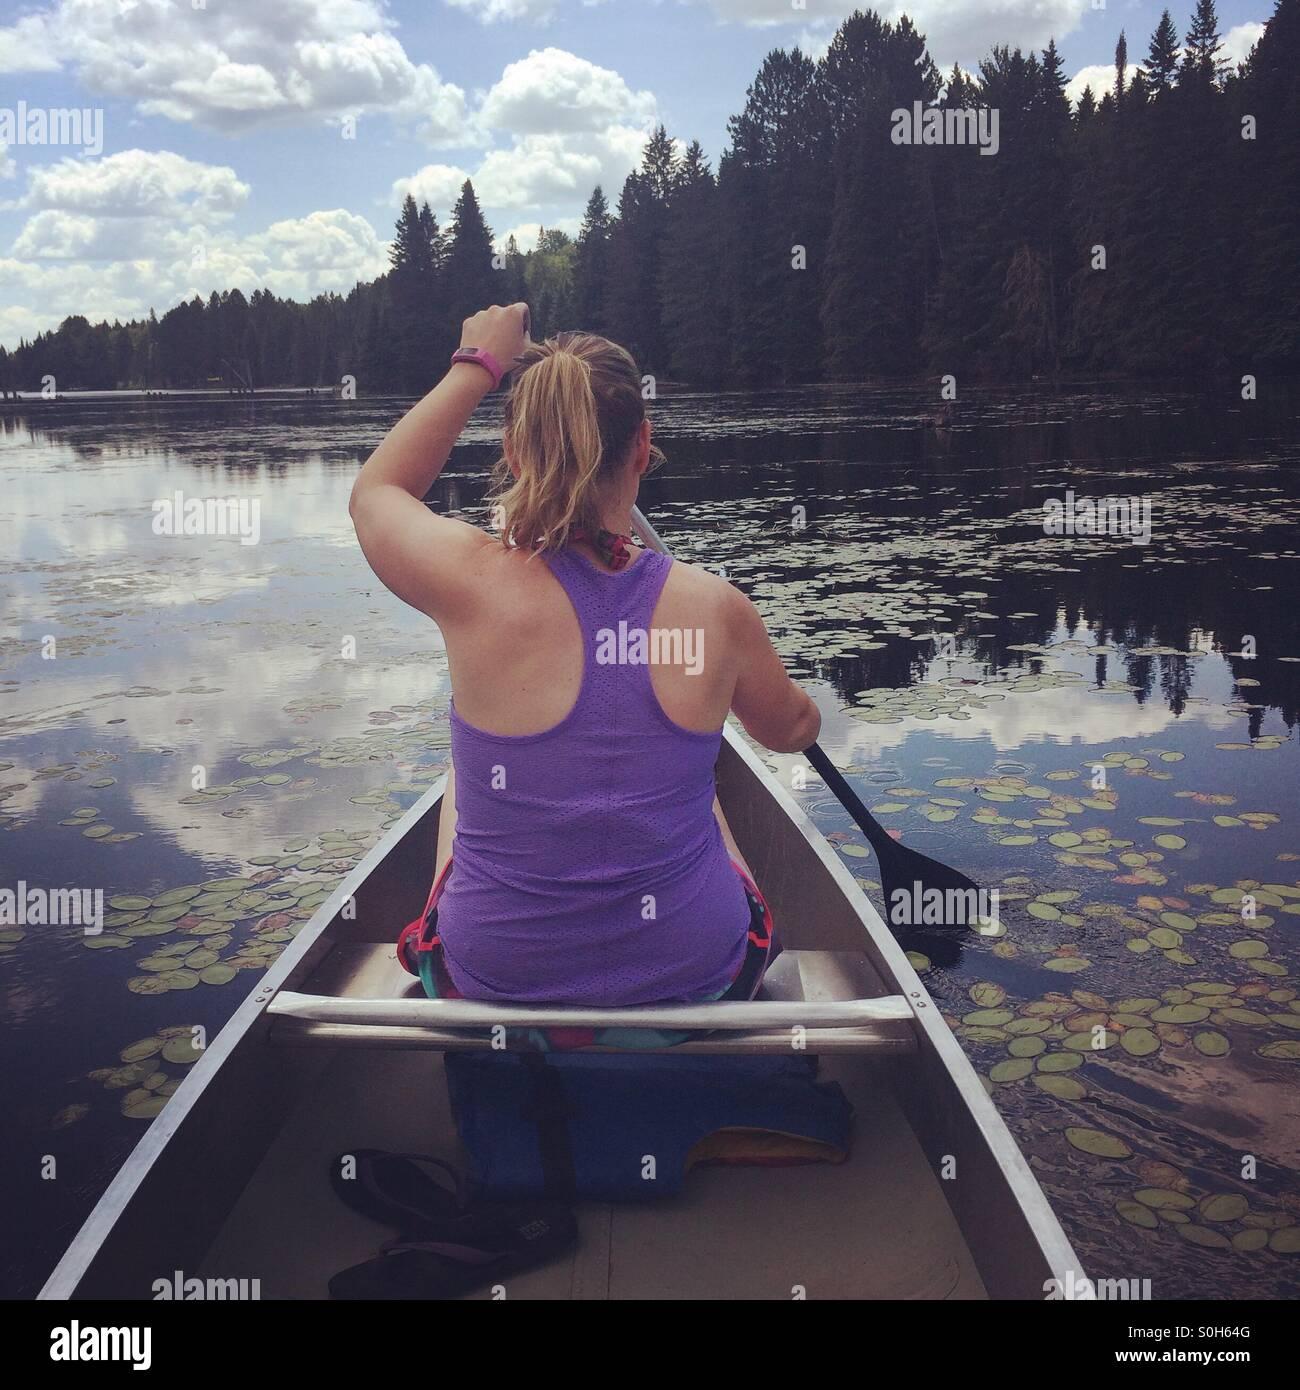 Chica remando en una canoa en un lago en el parque Algonquin, Ontario, Canadá Imagen De Stock